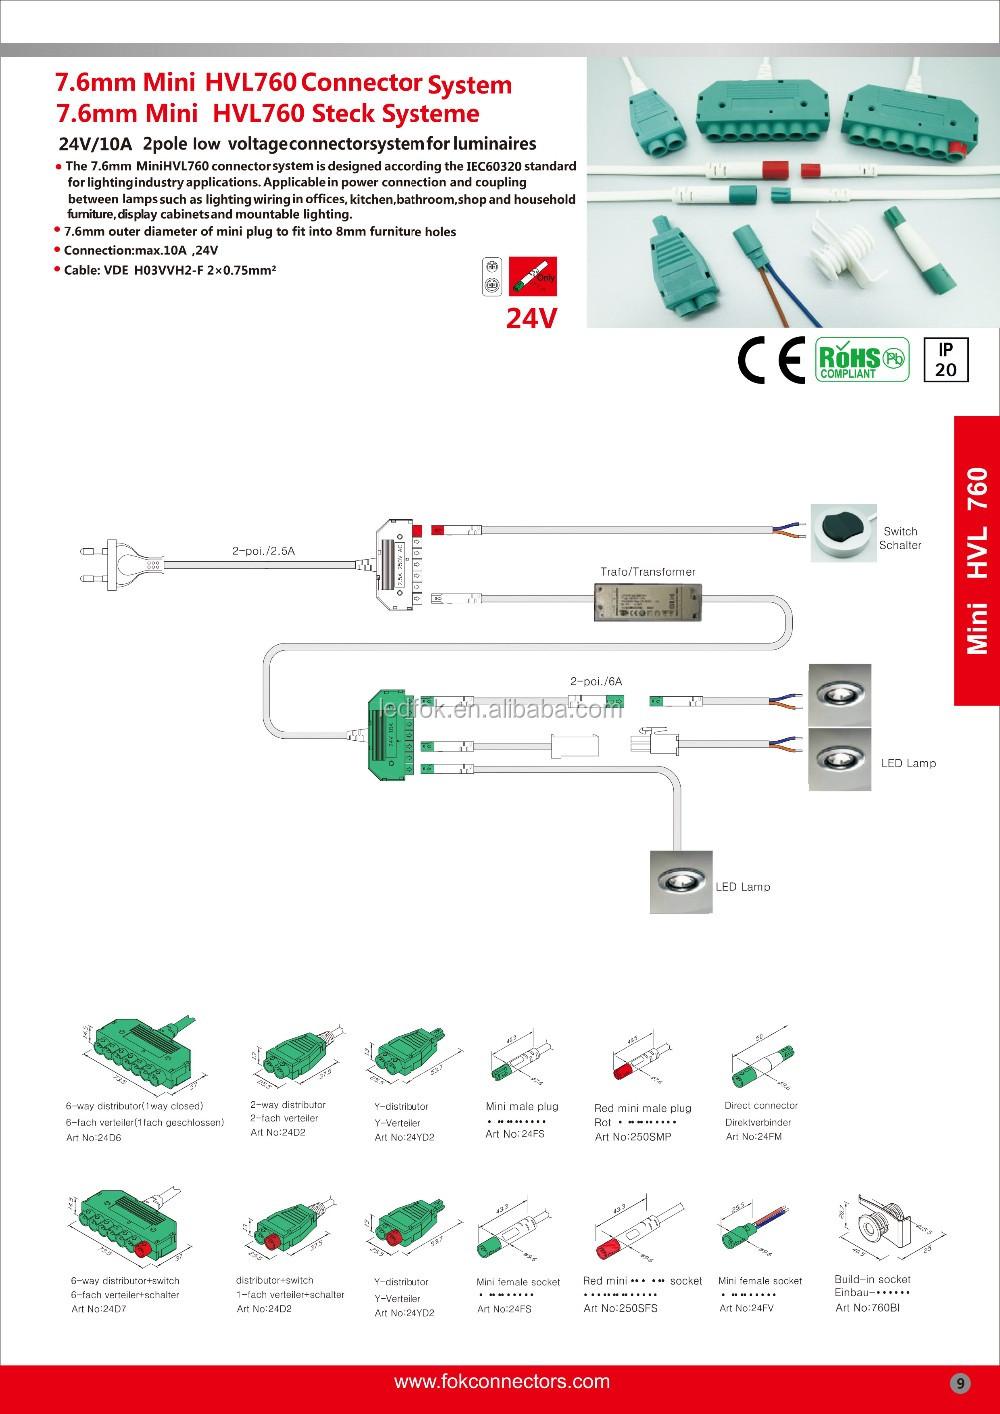 MR16 GU5.3 G4 Halogen LED Bulbs Holder Base Socket Wire Connector with 24V  Green